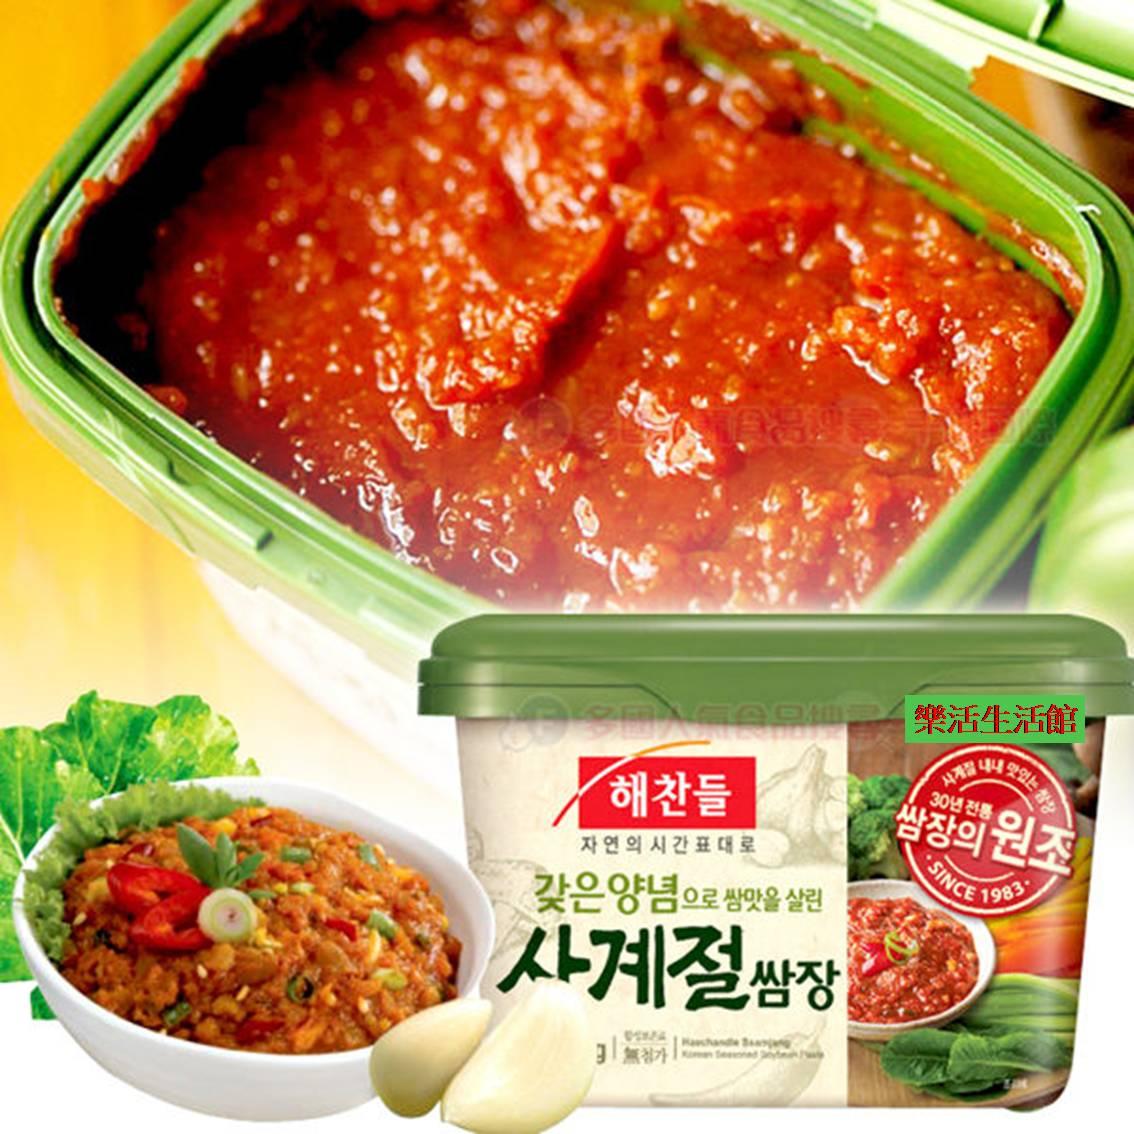 韓國 CJ 豆瓣醬 拌飯醬 生菜沾醬  【樂活生活館】